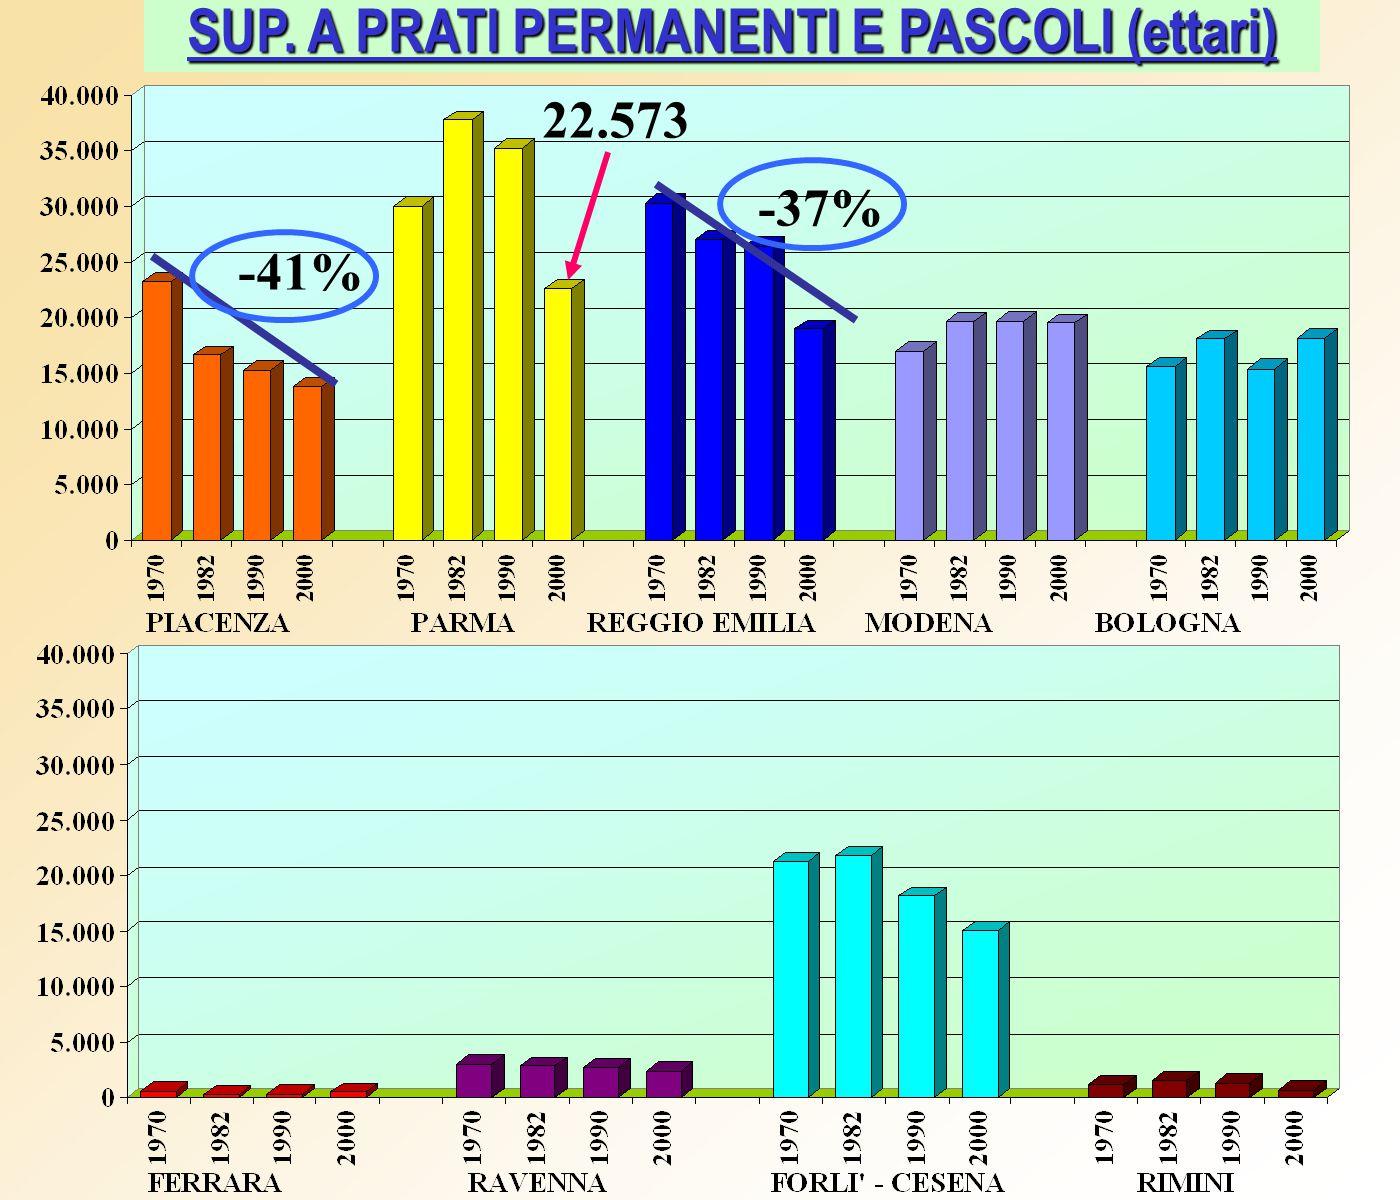 SUP. A PRATI PERMANENTI E PASCOLI (ettari) 22.573 -37% -41%